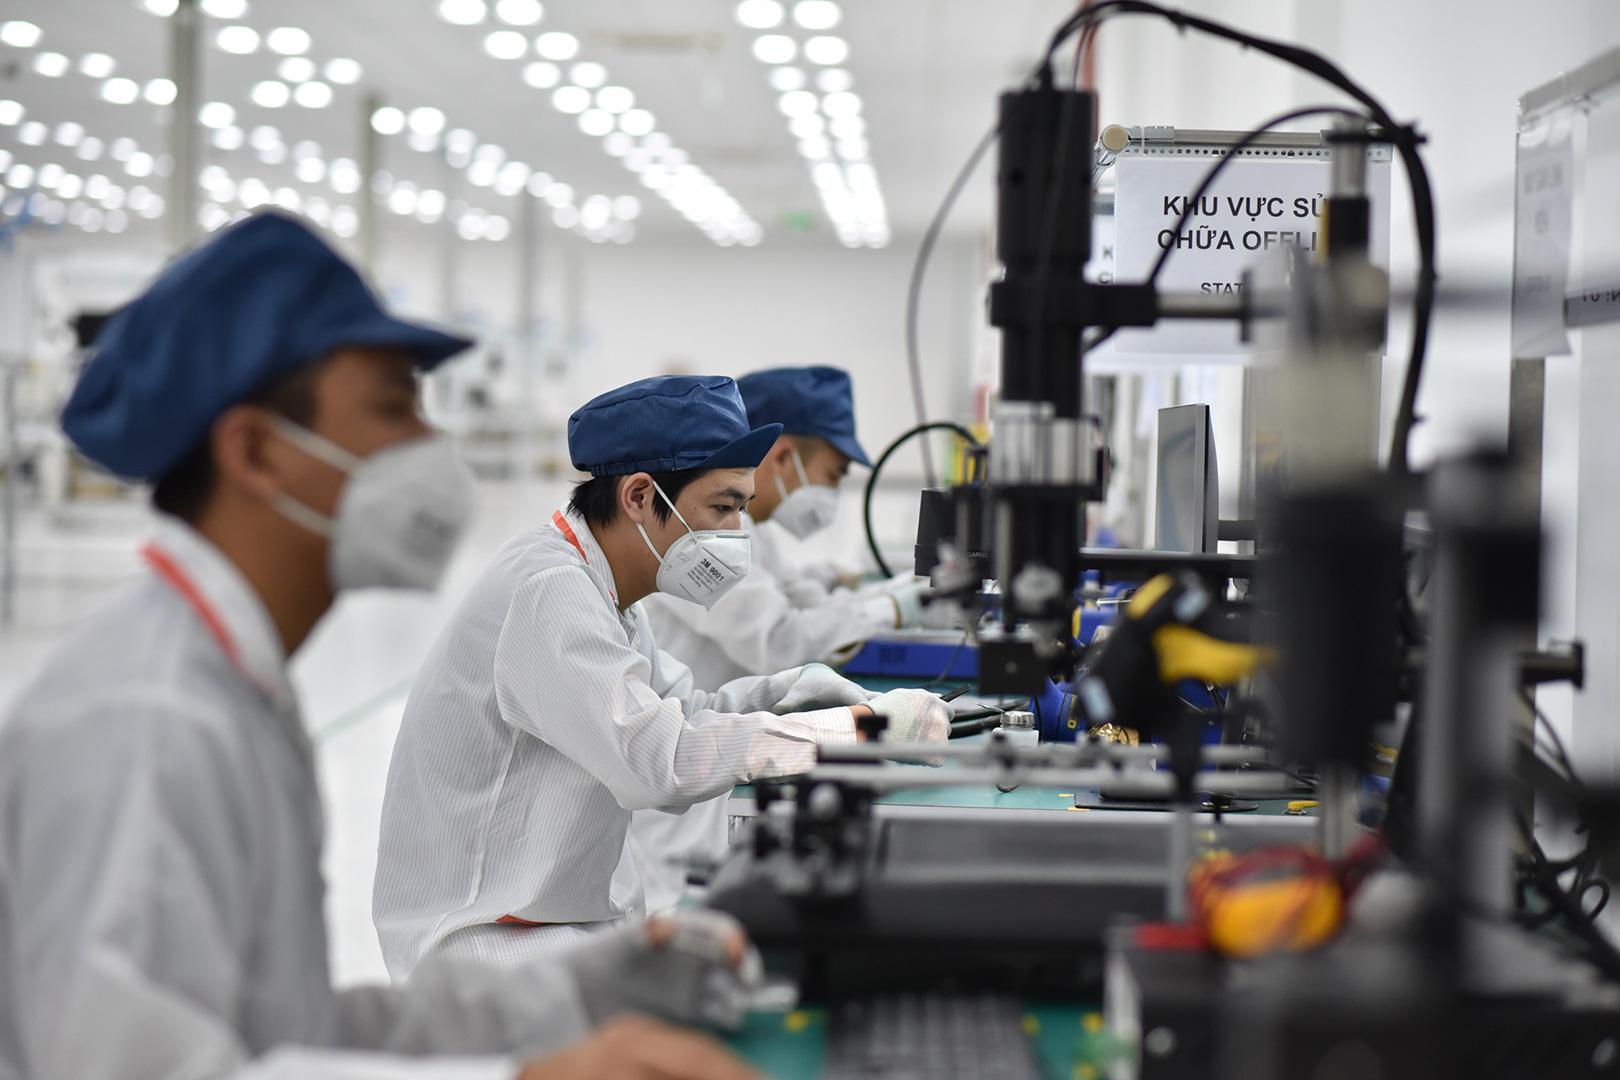 Vingroup khởi công nhà máy điện thoại thông minh công suất 125 triệu máy/năm - Ảnh 4